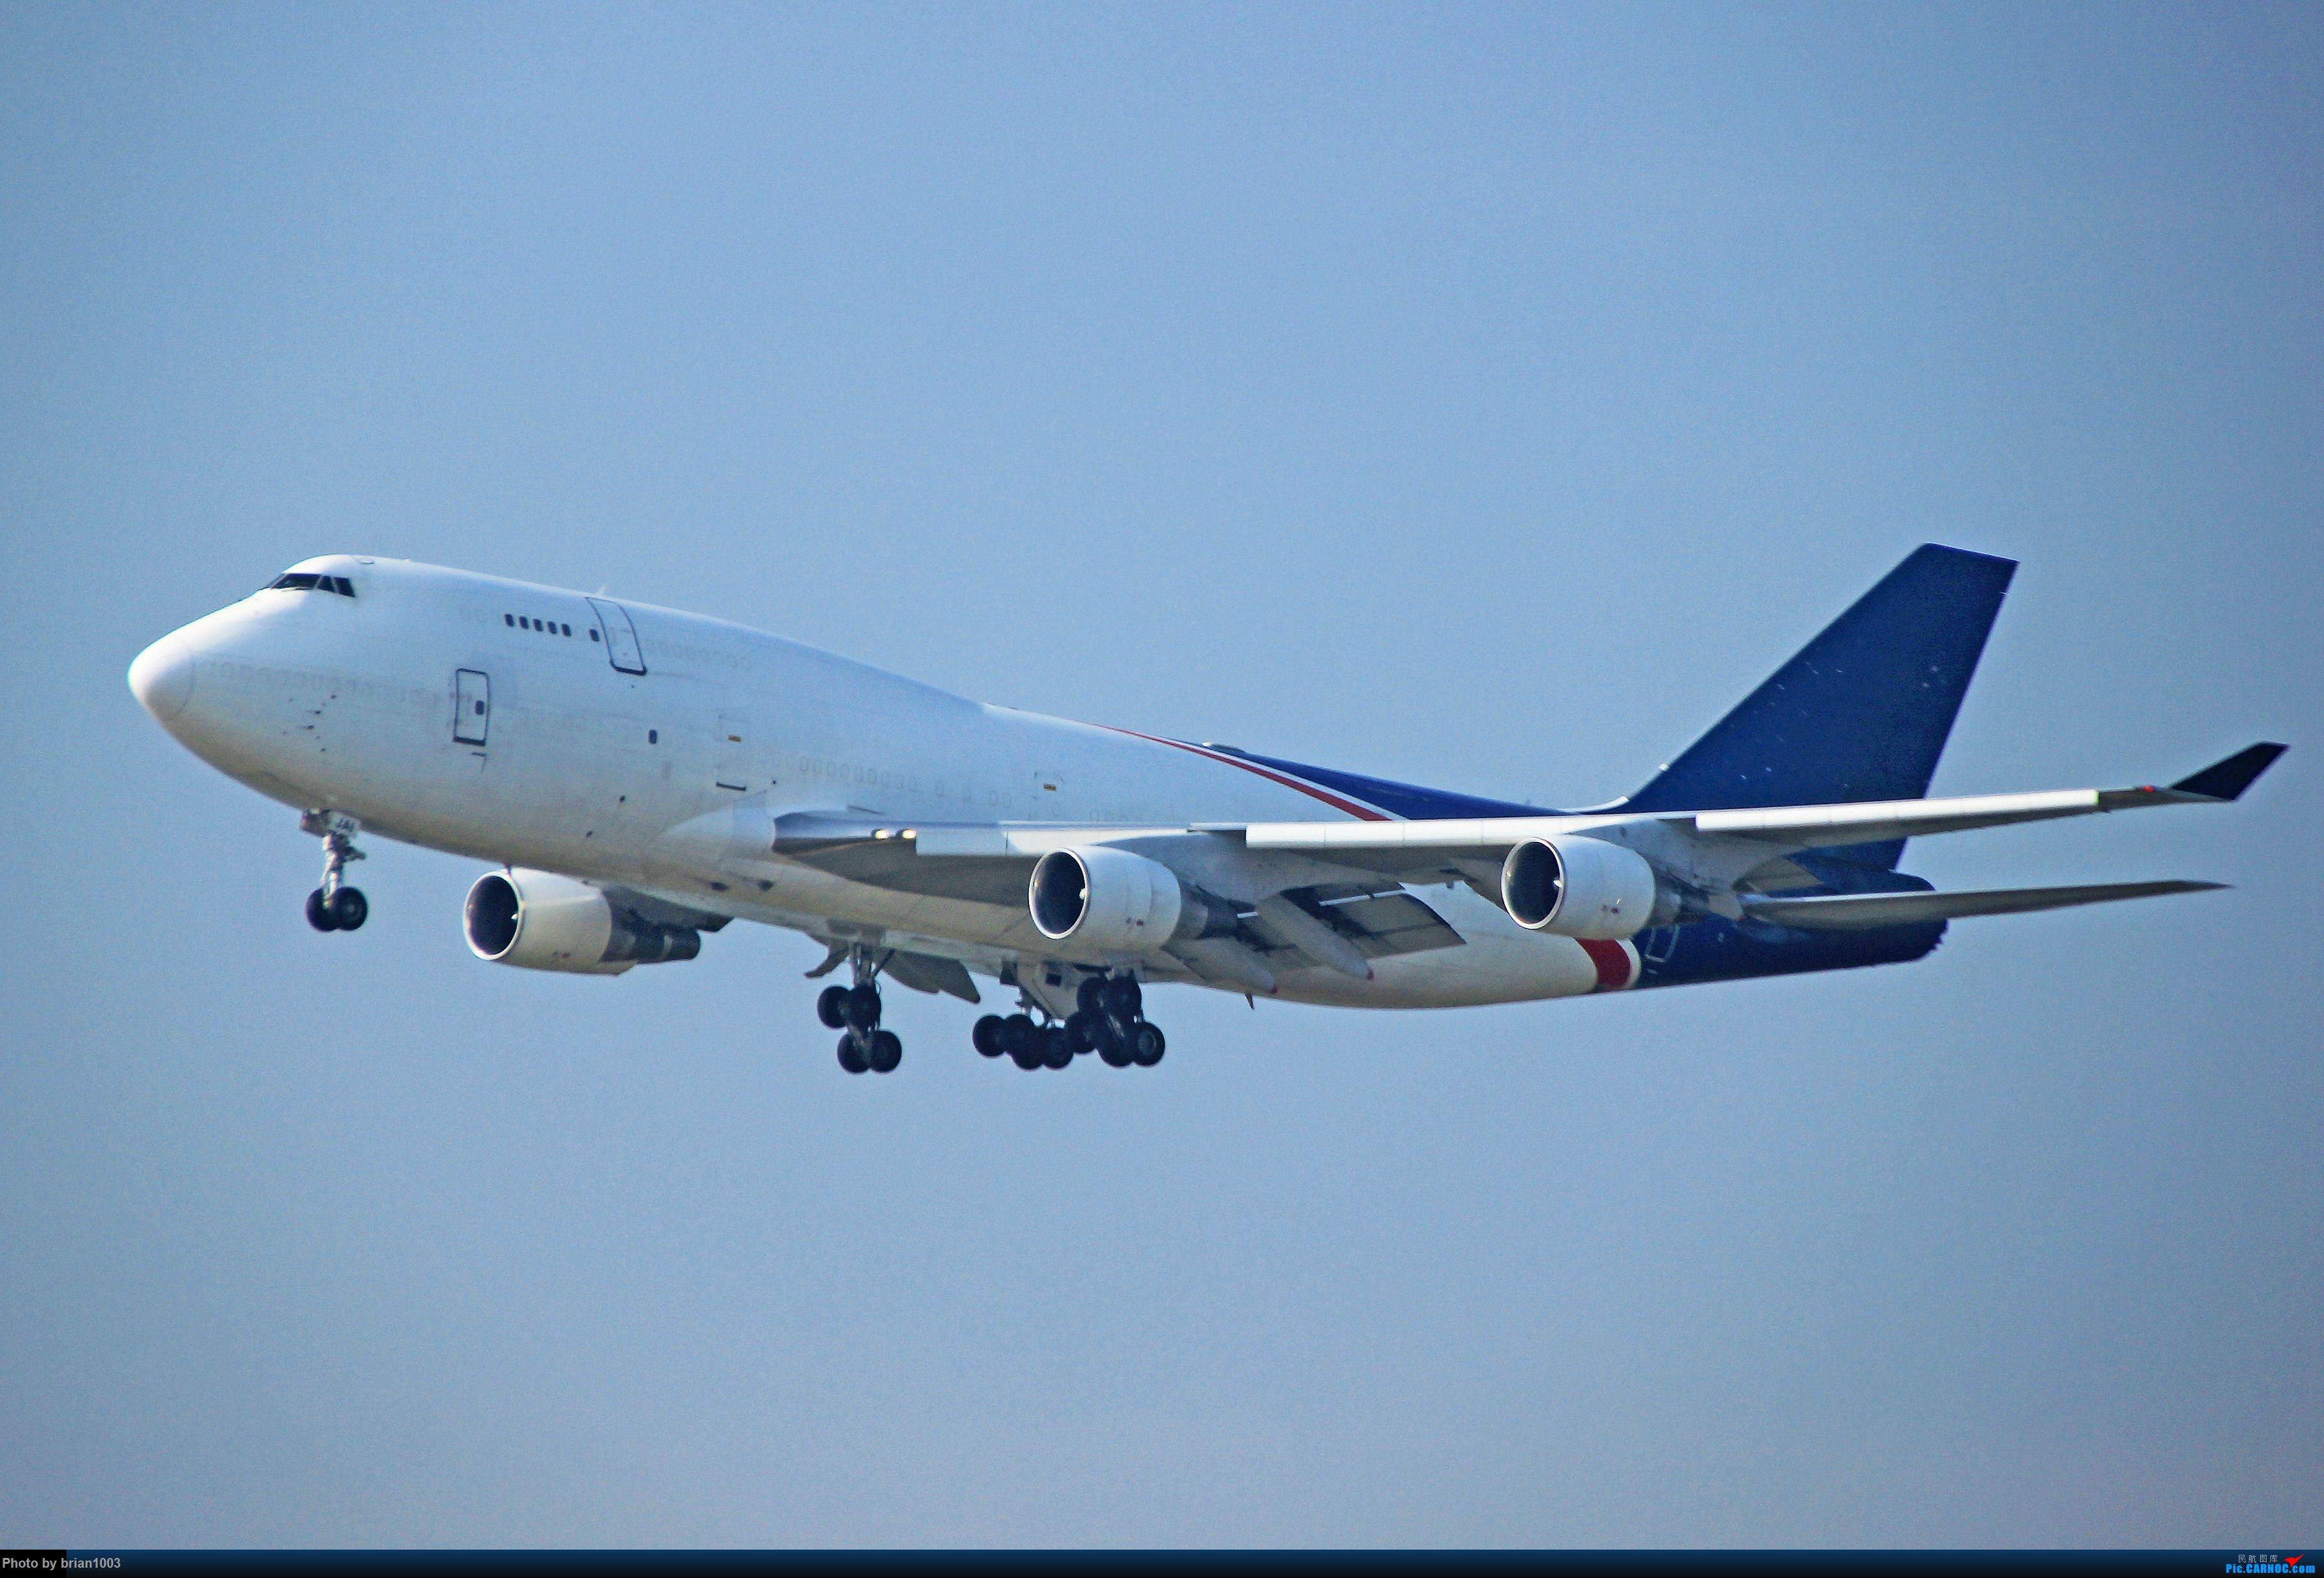 Re:[原创]WUH天河机场拍机之六月还有啥(X7家744F、天津大韩港龙333、巴基斯坦772、B6419、ER-BBJ、某菊彩蛋、俄航77W、国航中法建交77W) BOEING 747-400 ER-JAI 中国武汉天河国际机场